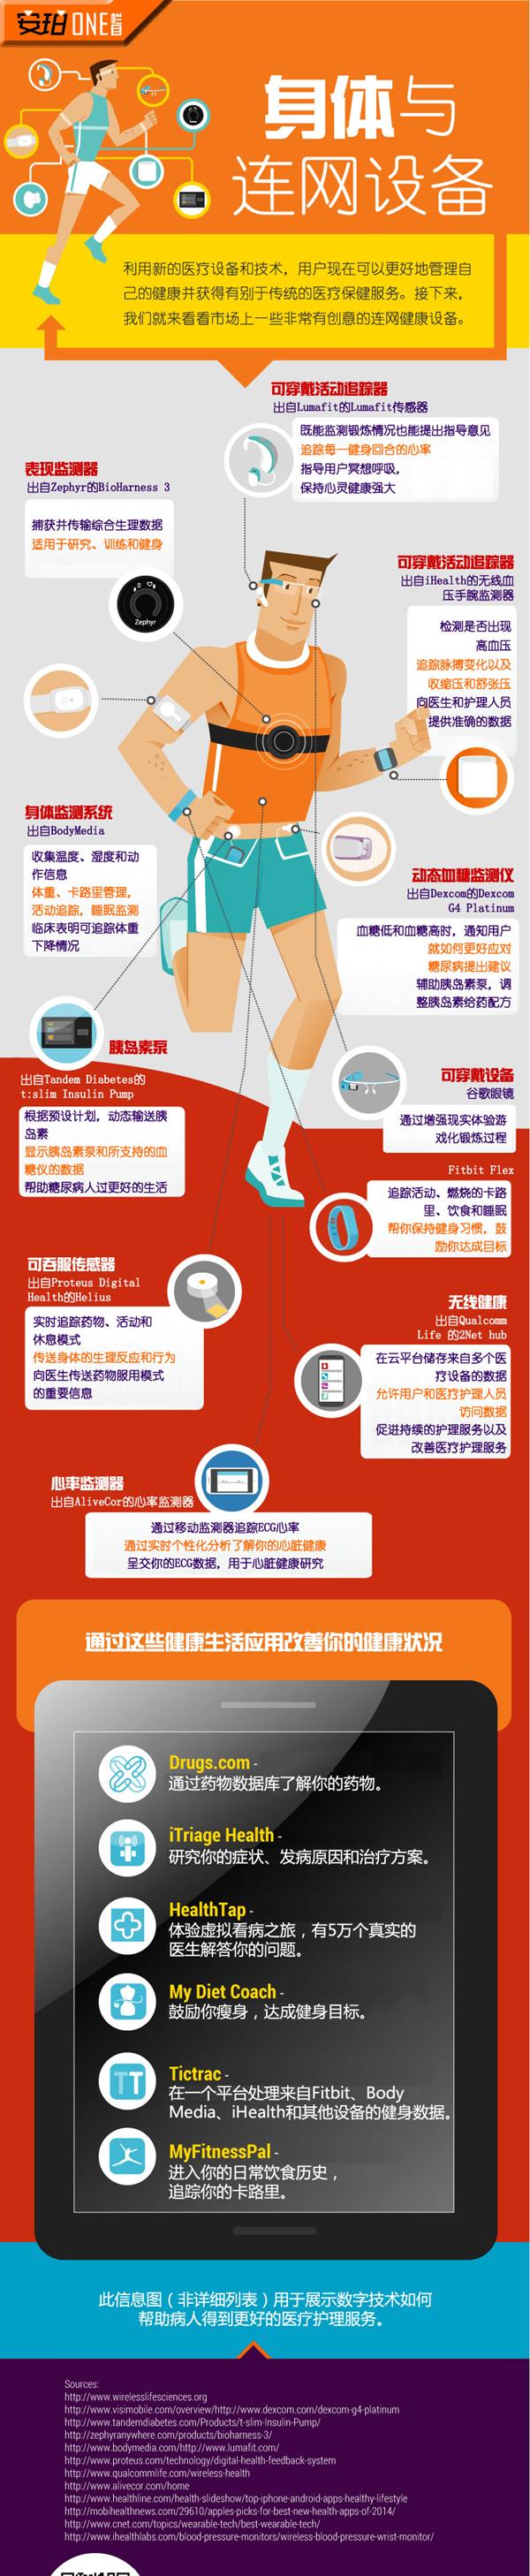 一图看懂身体与连网设备的关系